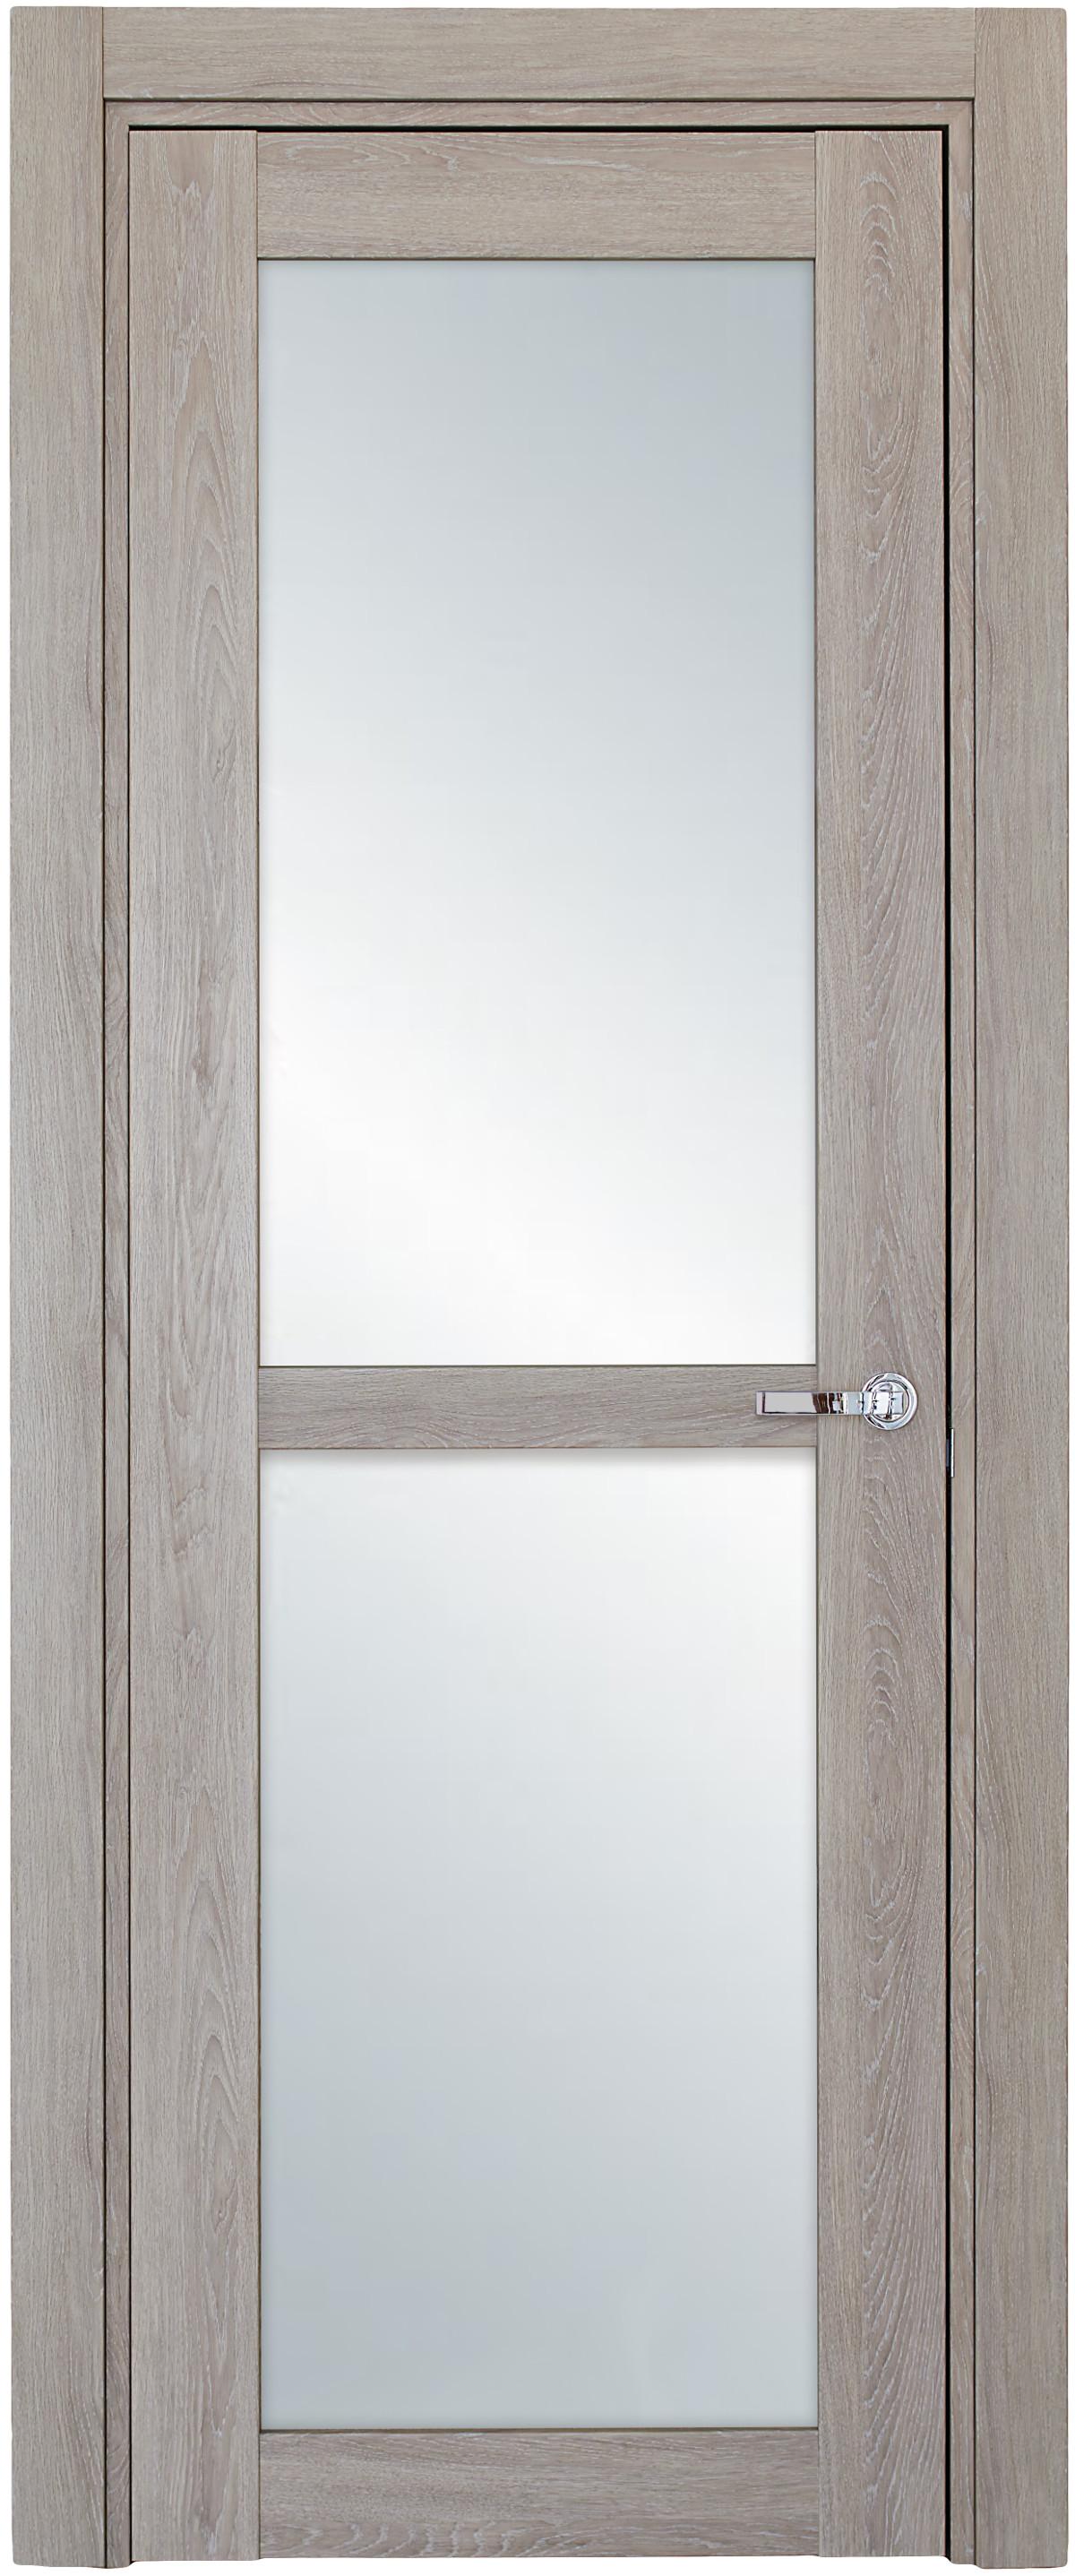 Межкомнатная / входная дверь, отделка: экошпон ДУБ DECAPE, Solo 2S-1